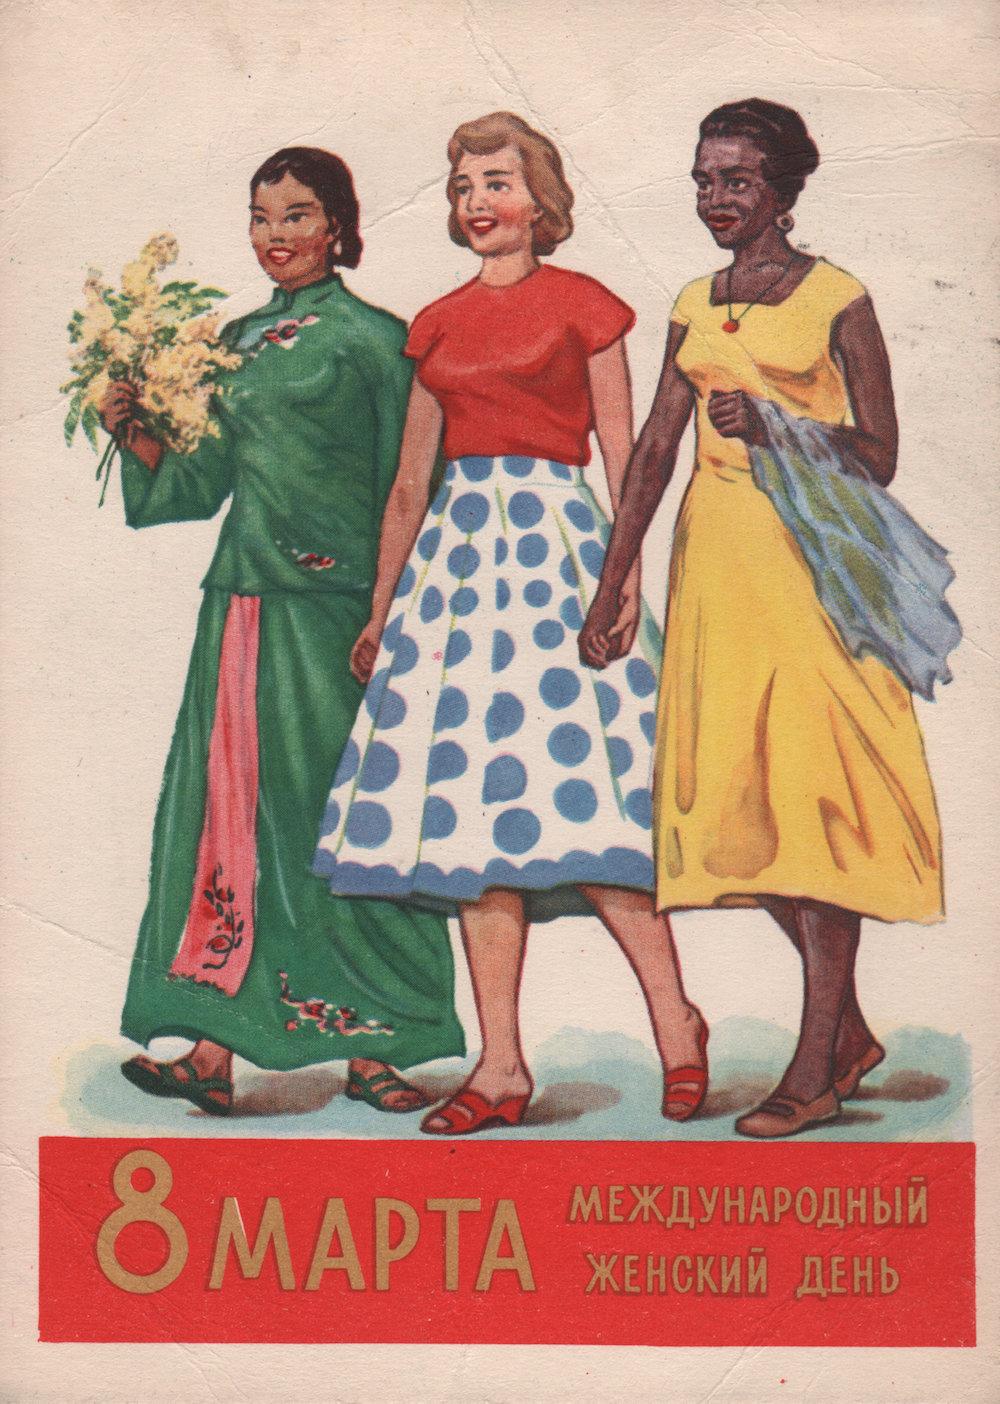 Коммунистические открытки с 8 марта, оружие